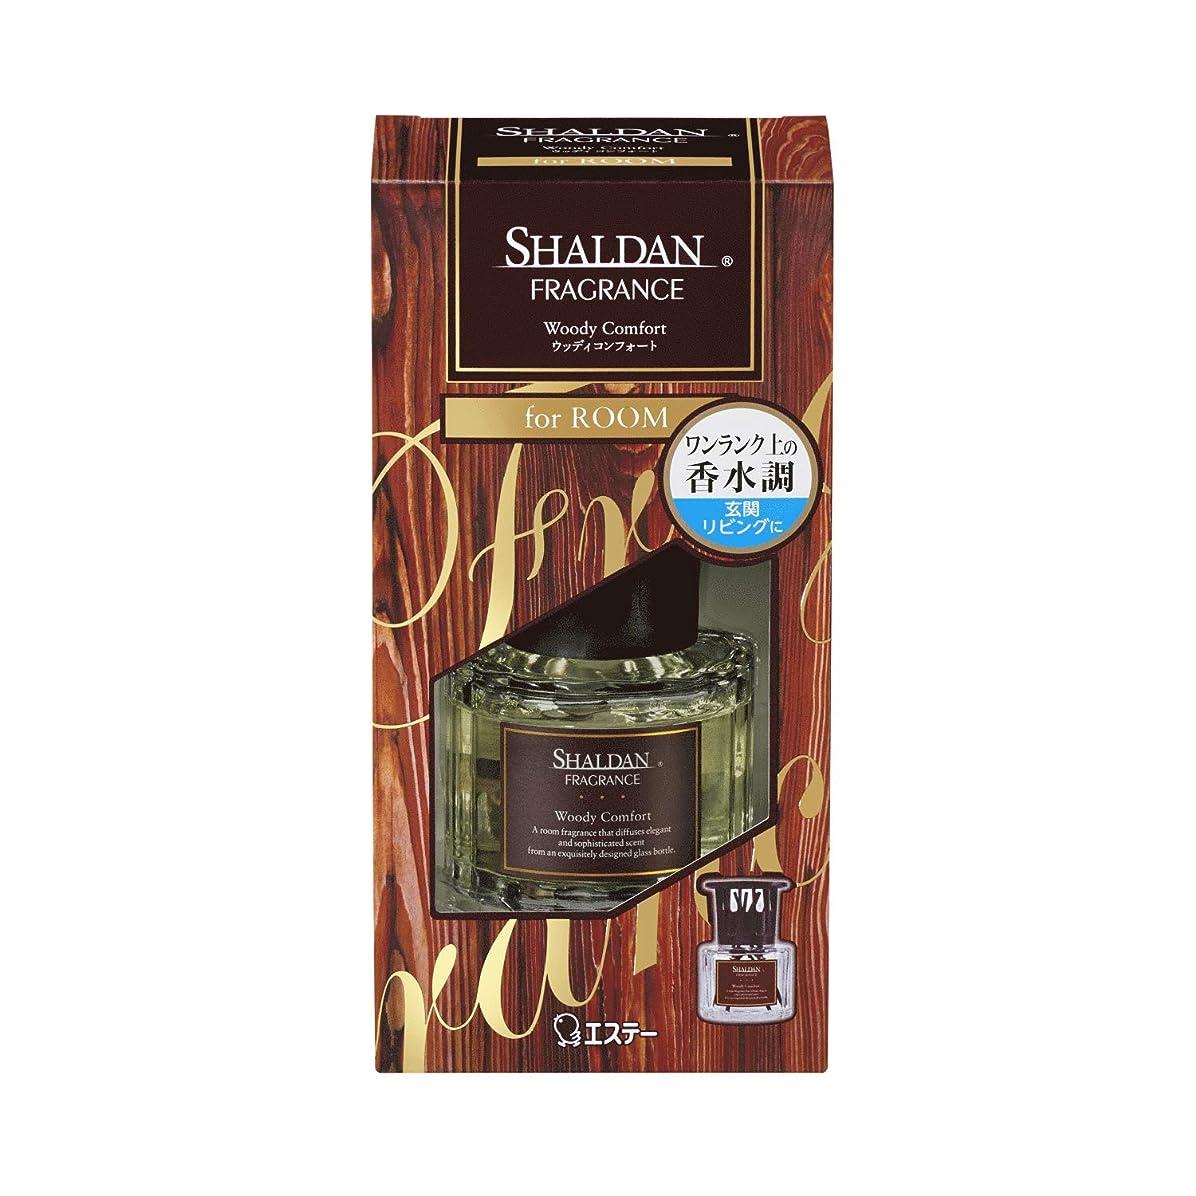 渦責無傷シャルダン SHALDAN フレグランス for ROOM 芳香剤 部屋用 本体 ウッディコンフォート 65mL